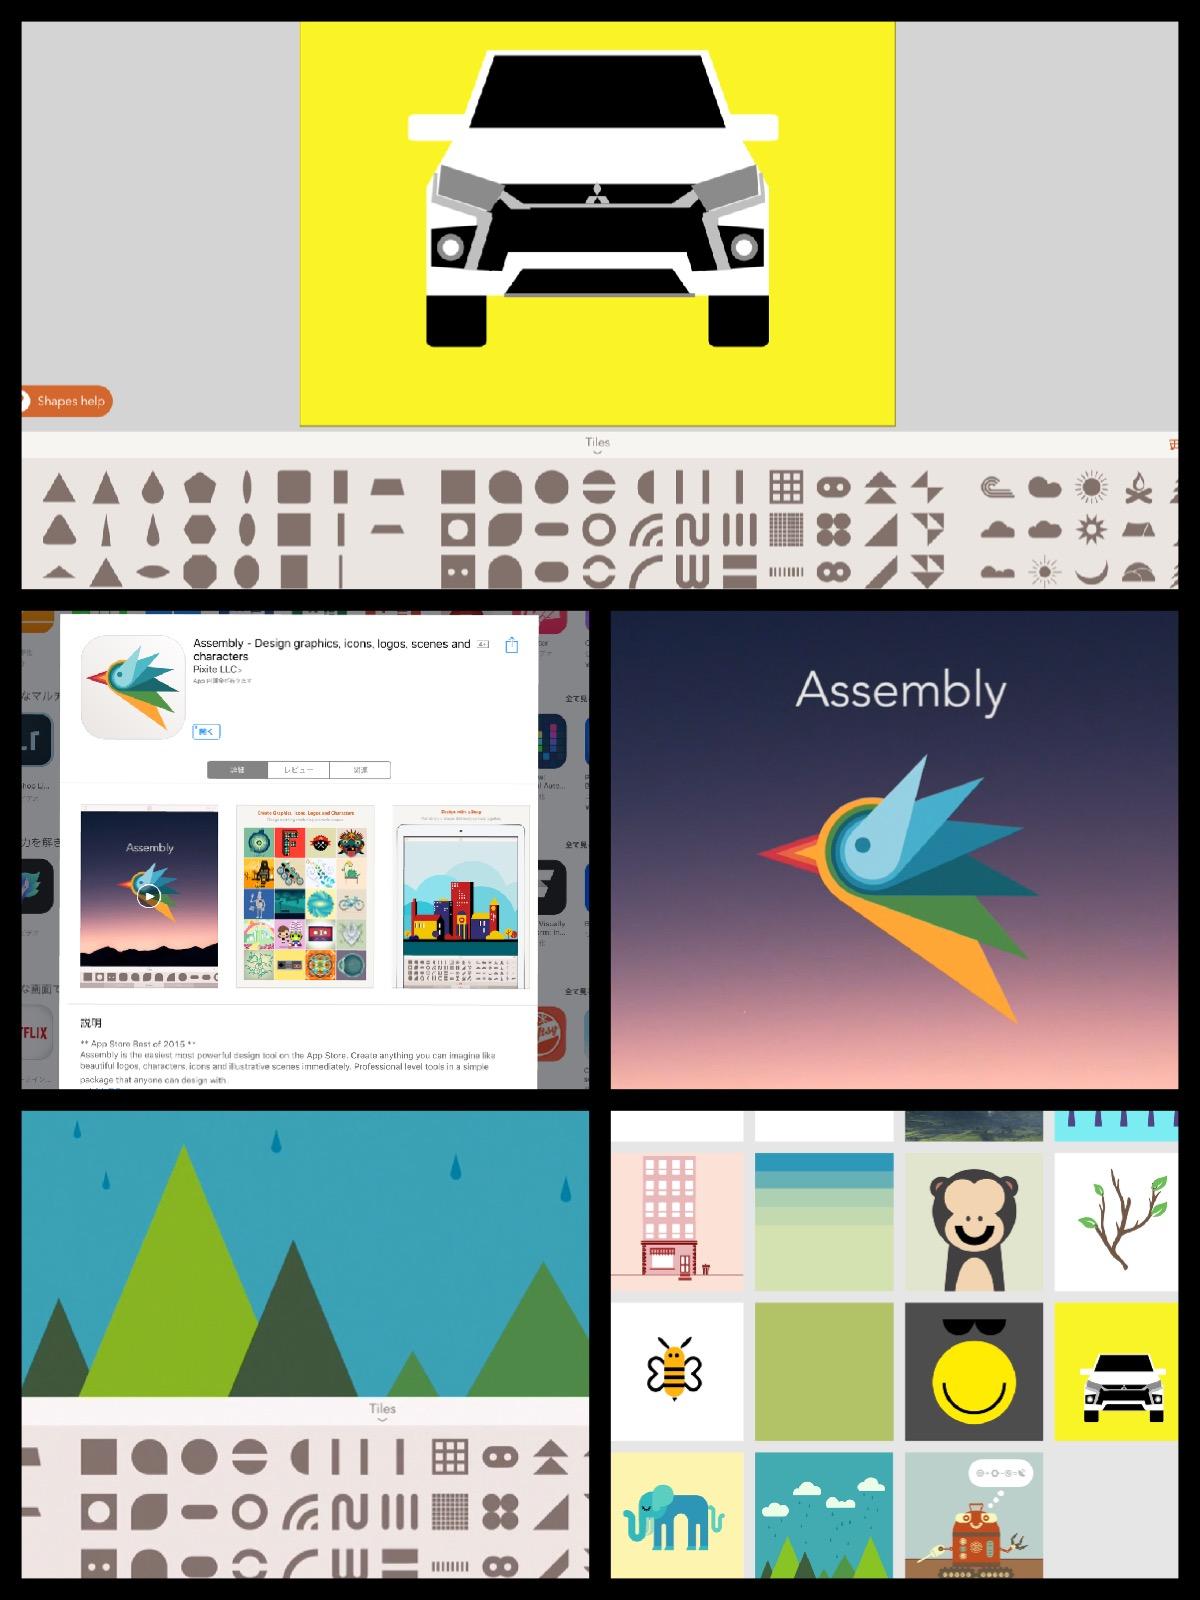 Assembly アプリでアウトランダーPHEVアイコンを作ってみました